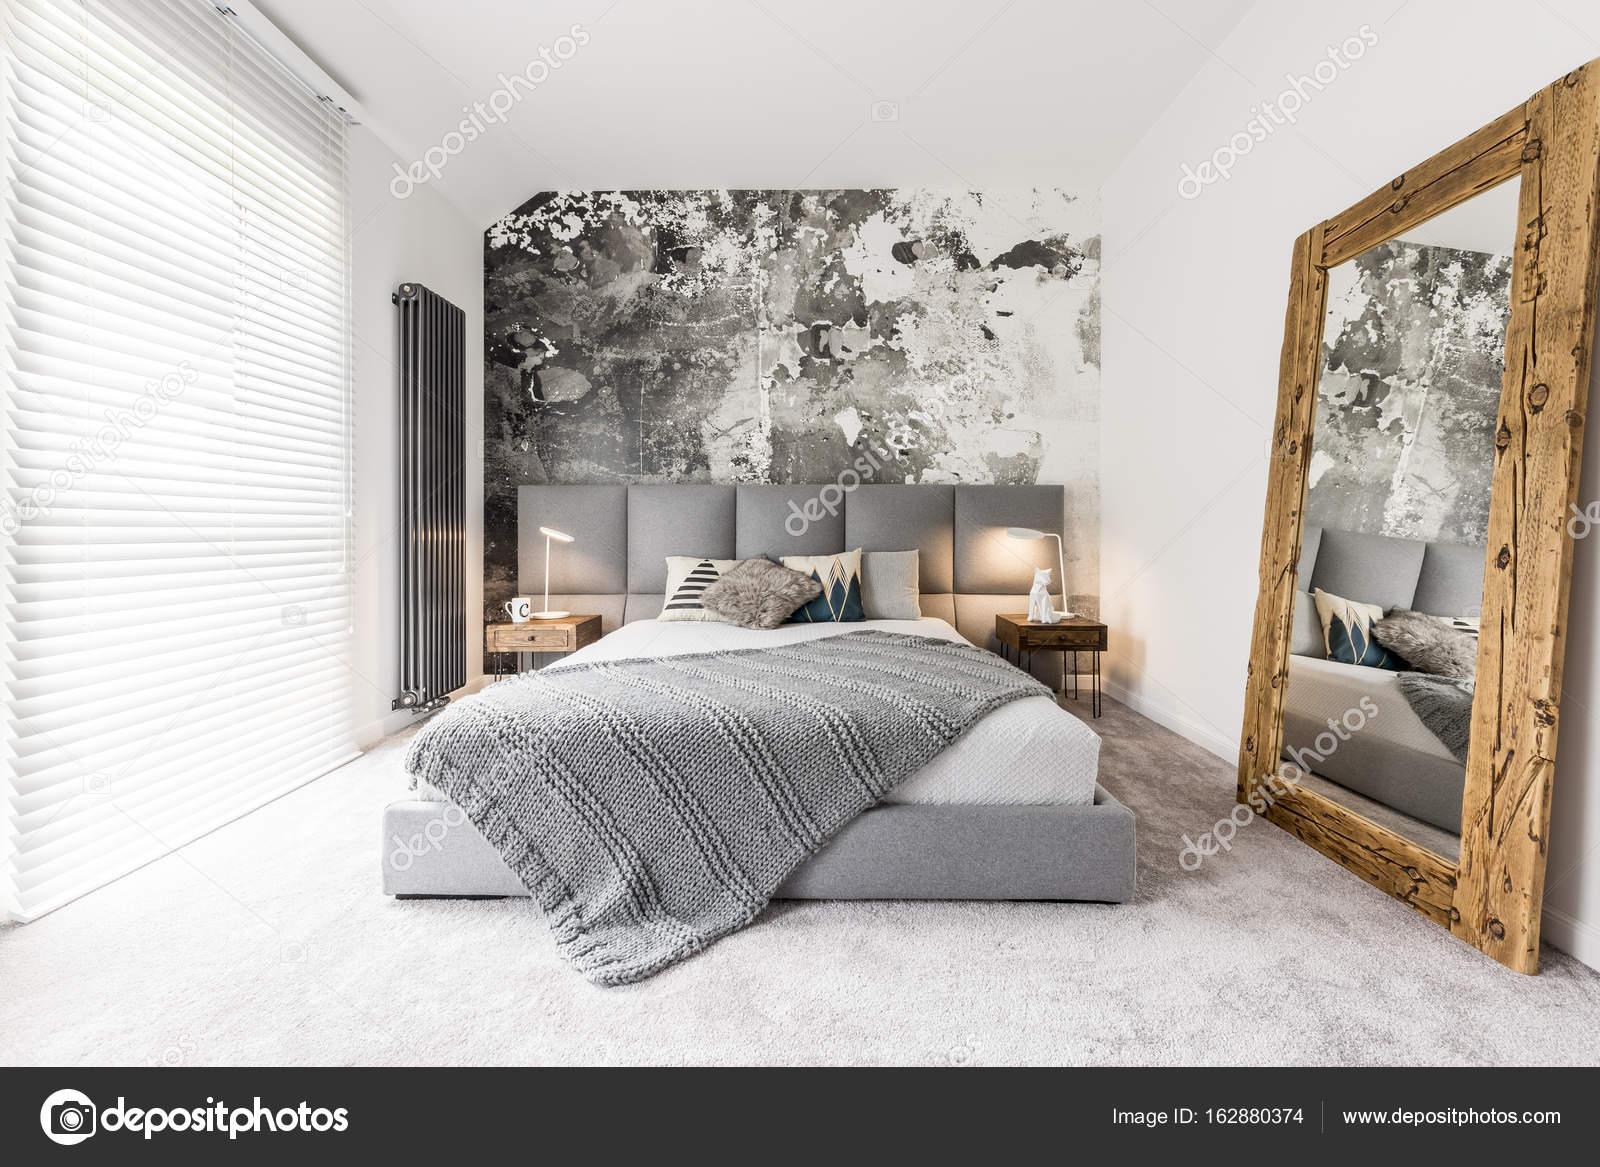 Slaapkamer met grote houten spiegel u stockfoto